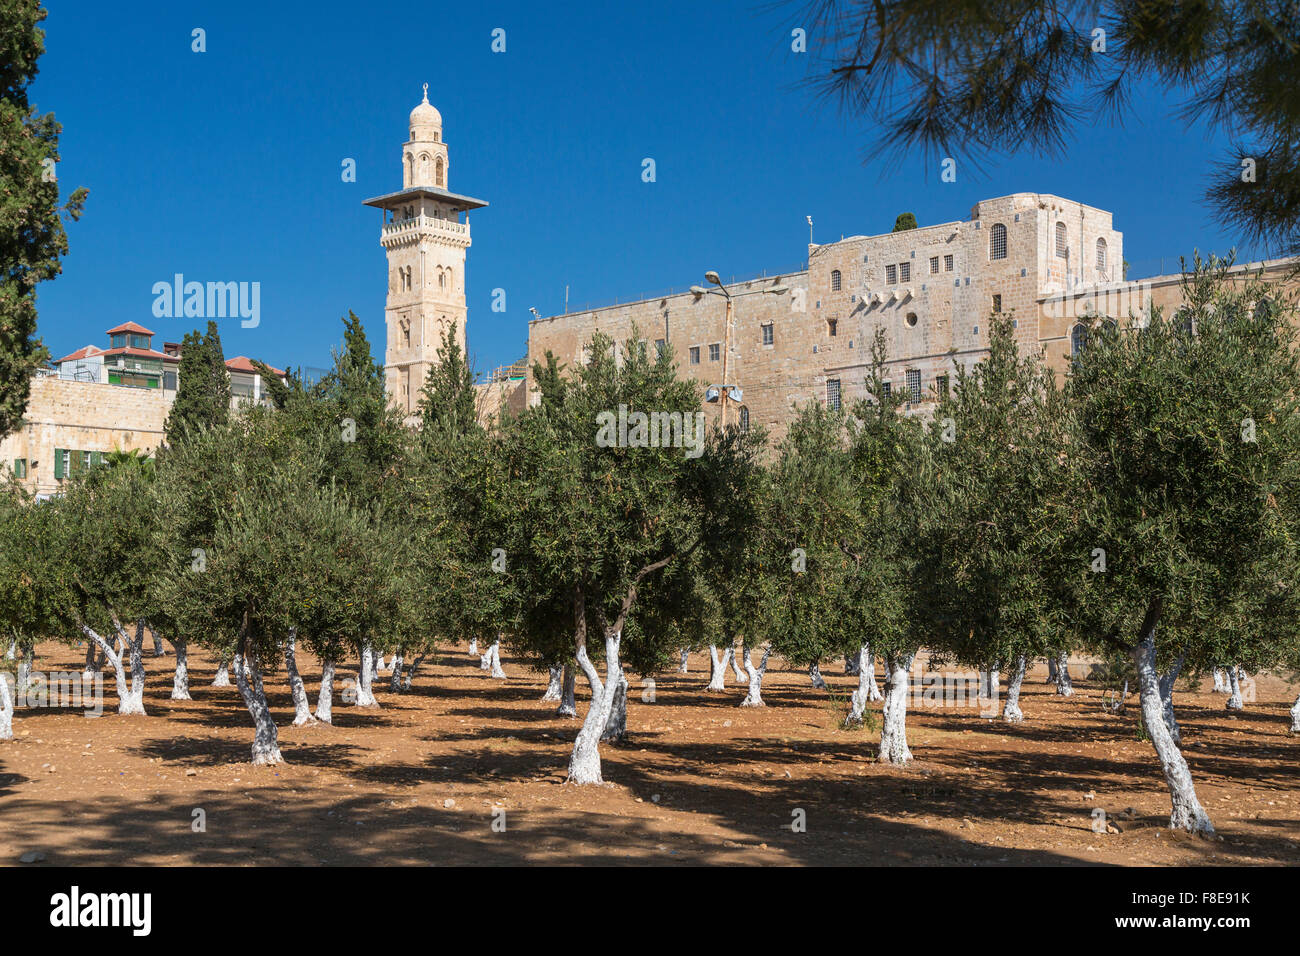 Un oliveto sul Monte del Tempio a Gerusalemme, Israele, Medio Oriente. Immagini Stock